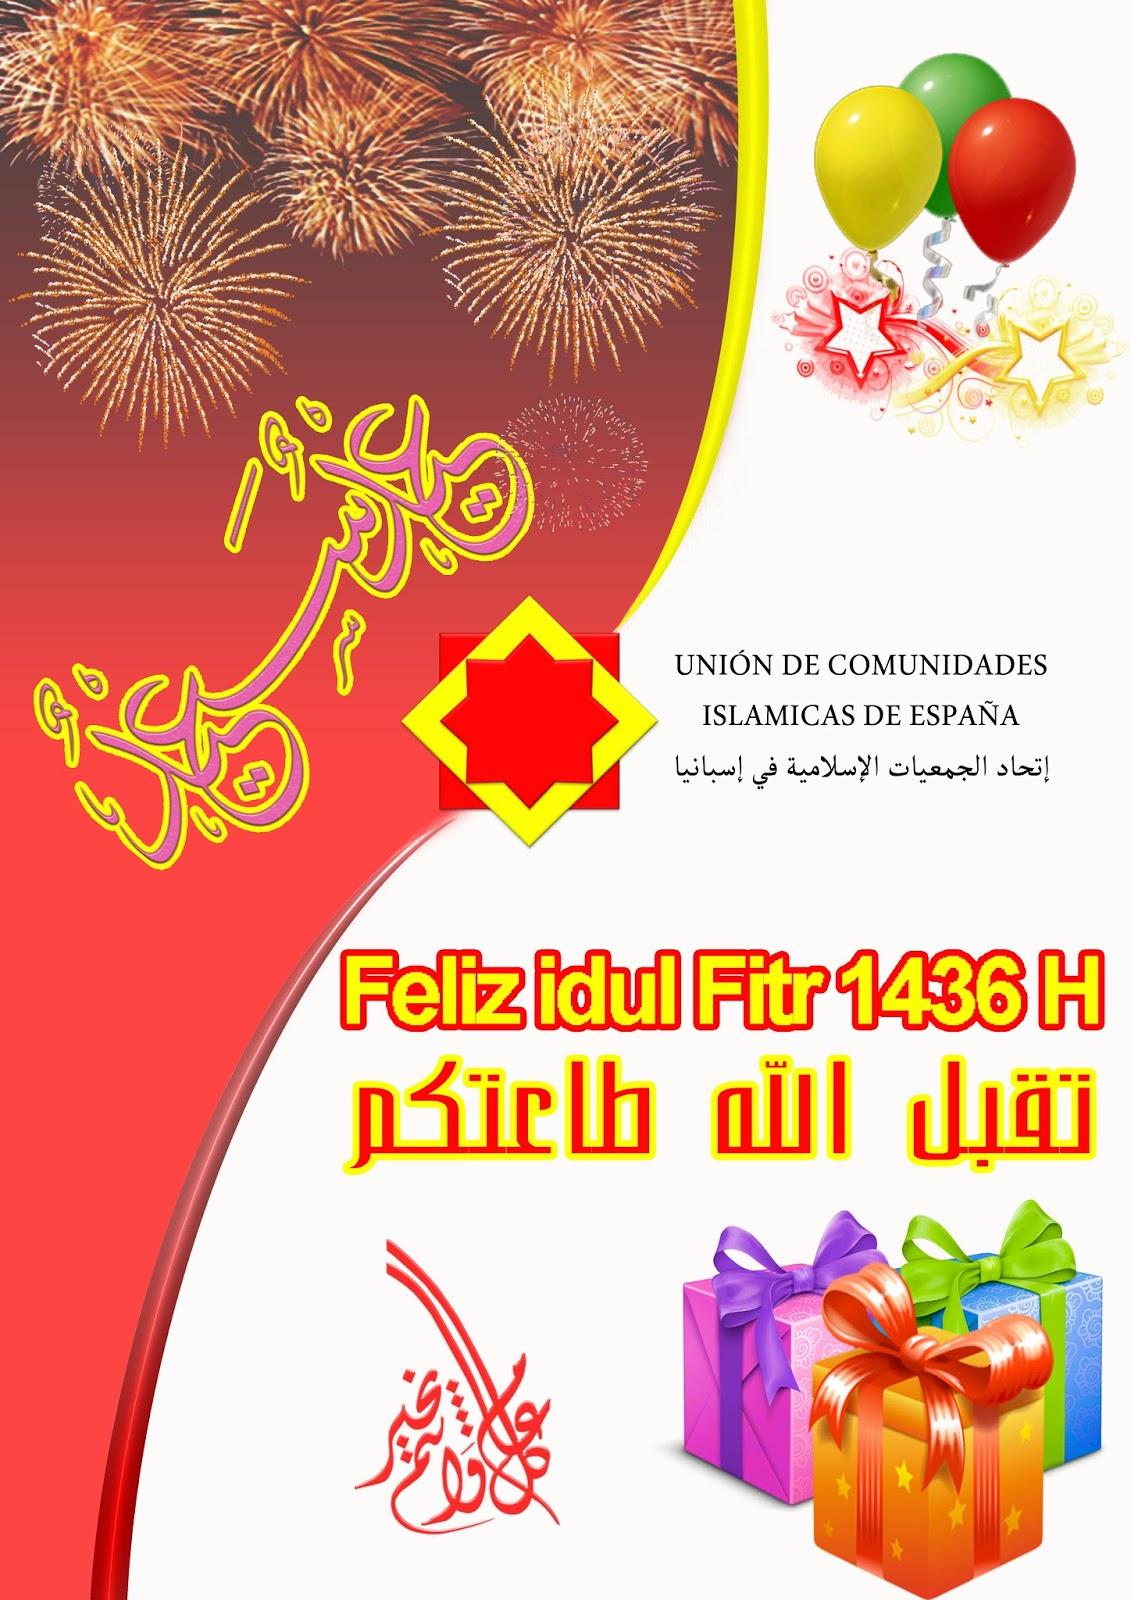 Mañana viernes 17 de julio es el primer día de la fiesta de Idul Fitr